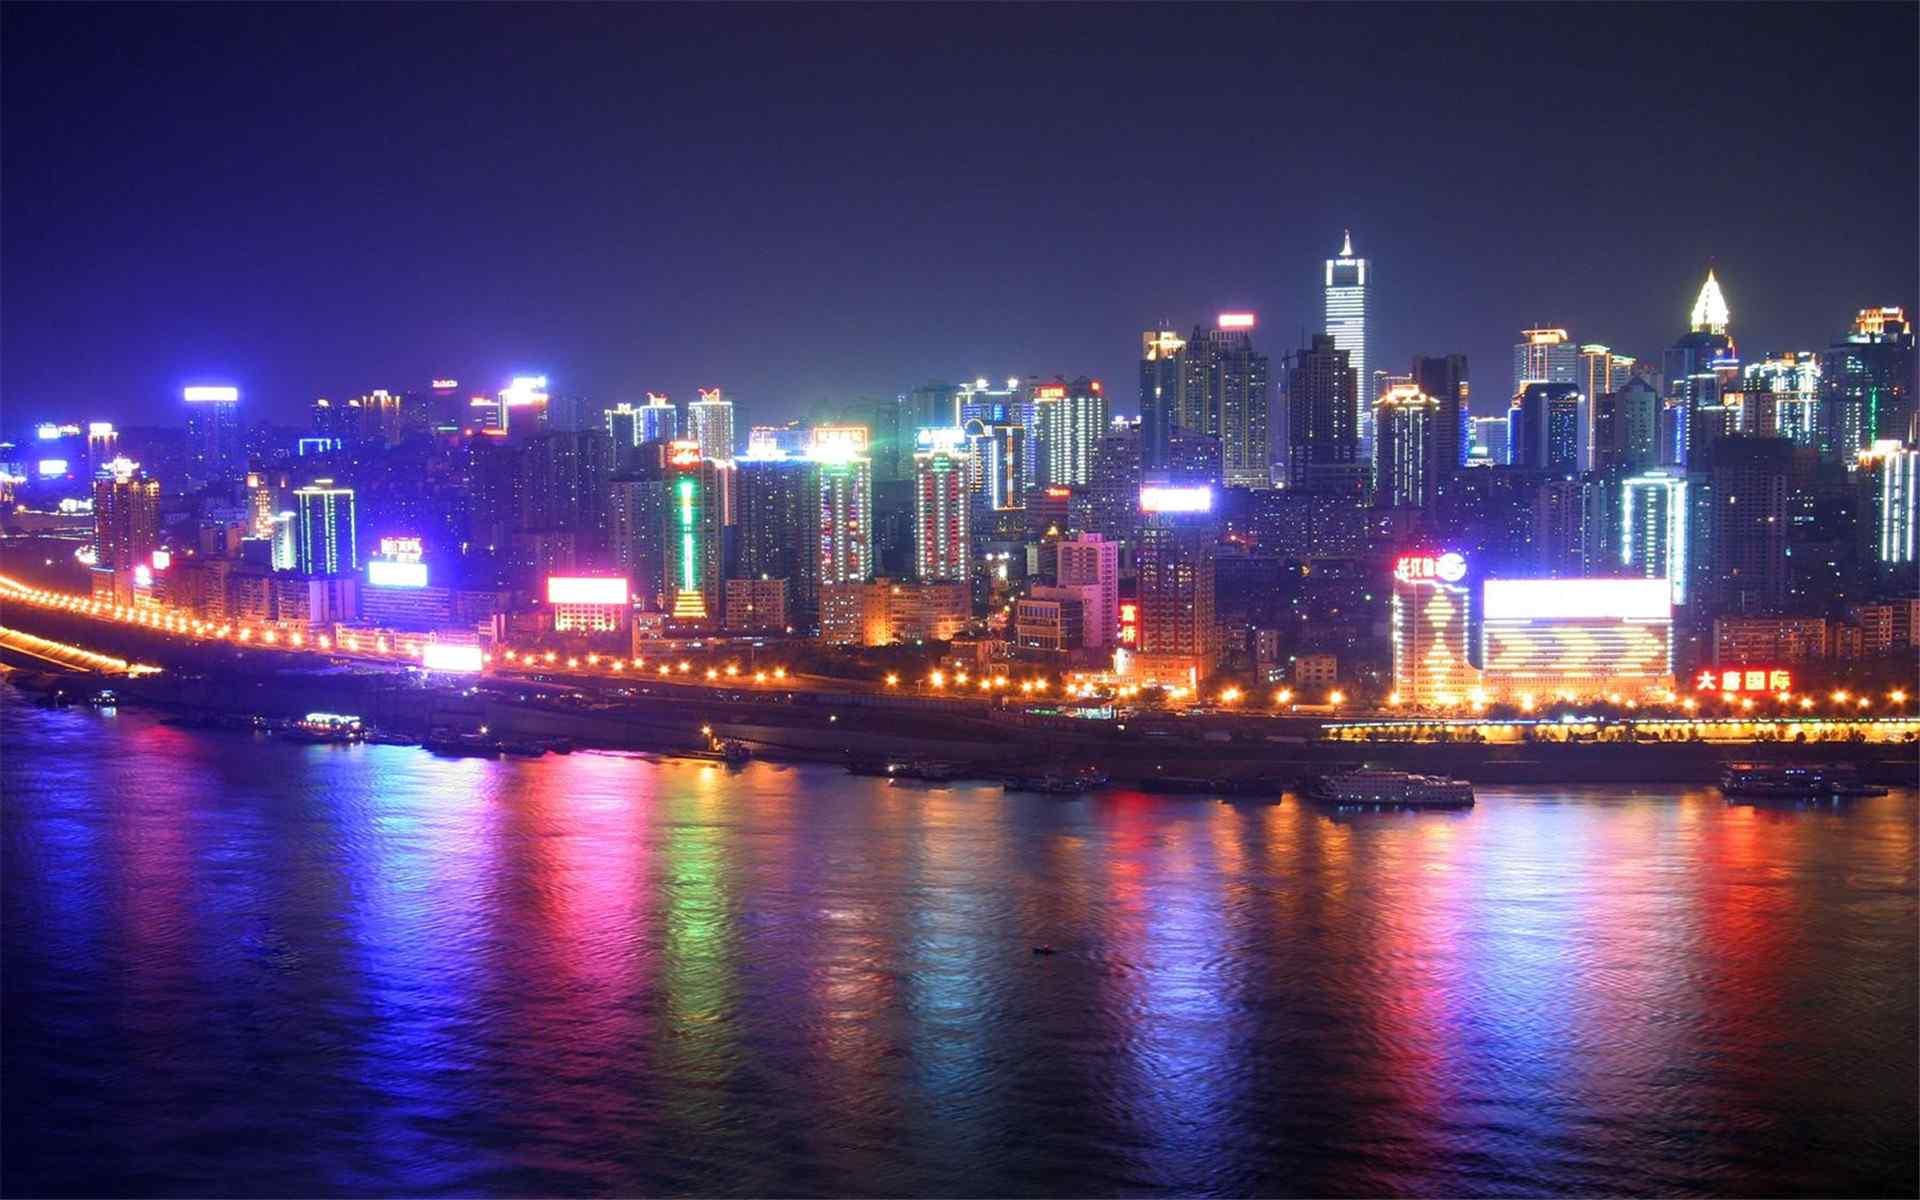 重庆江淮两岸夜景